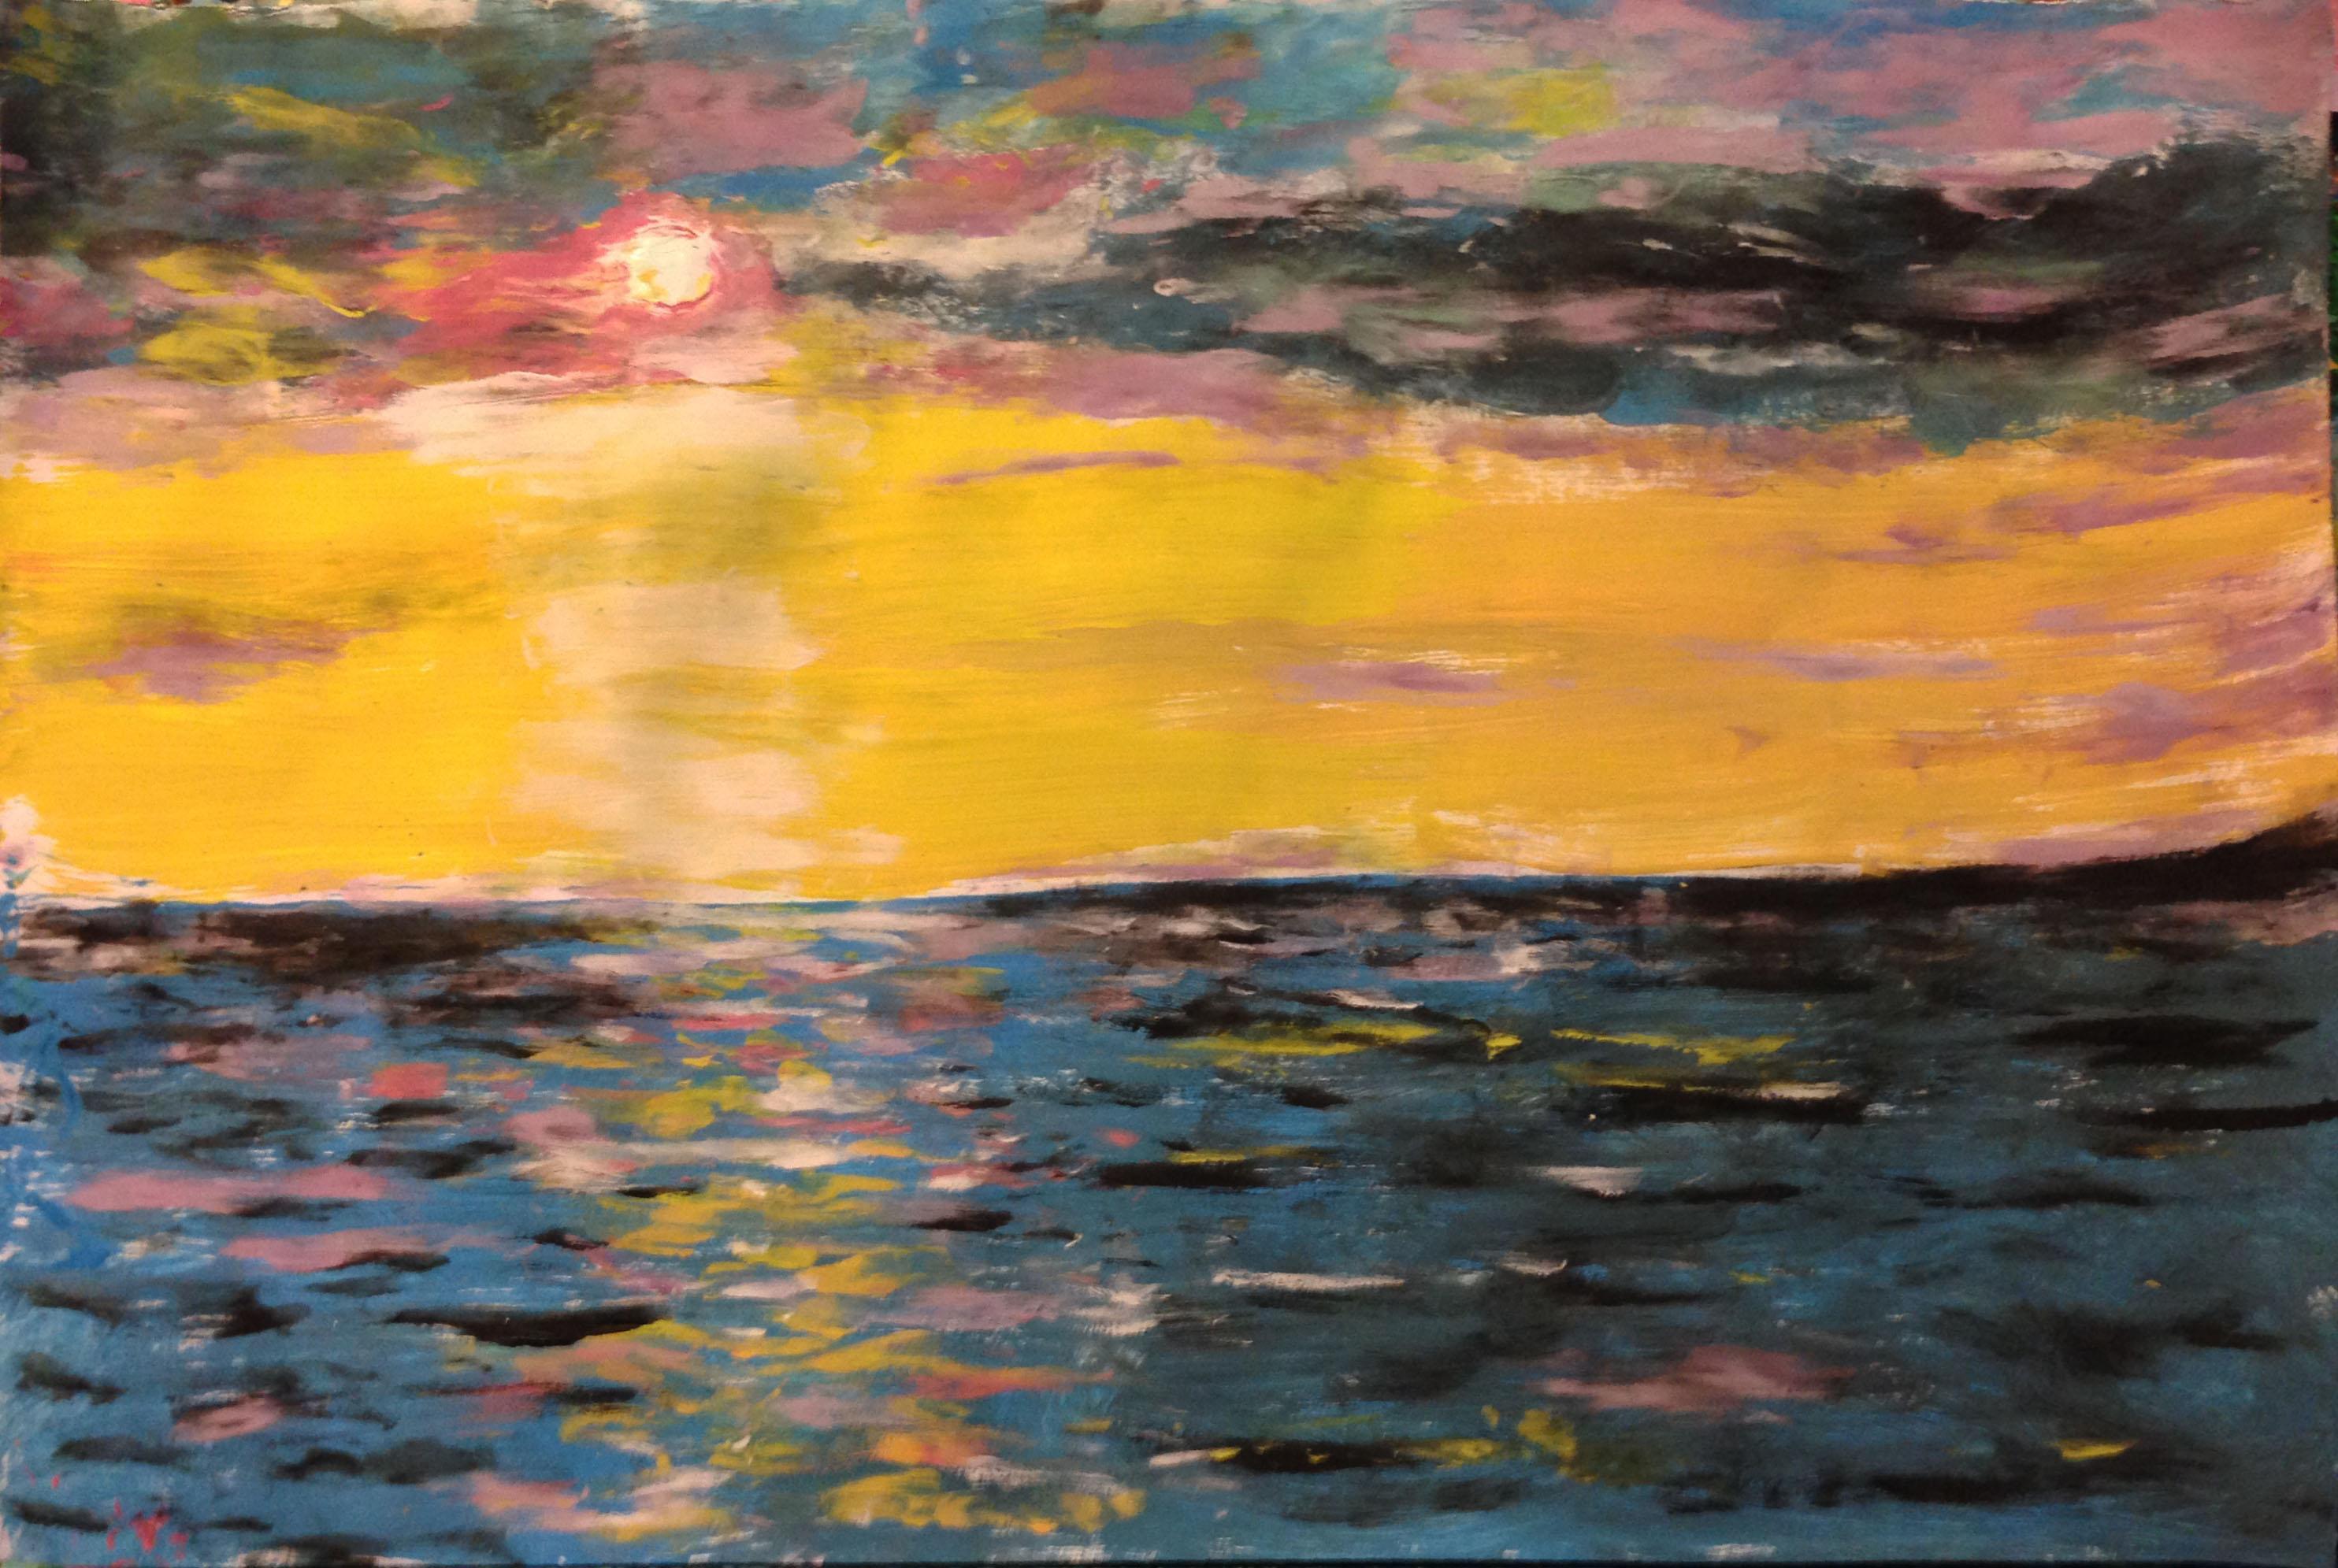 Пейзажи природы море закат Альберт Сафиуллин акриловые краски